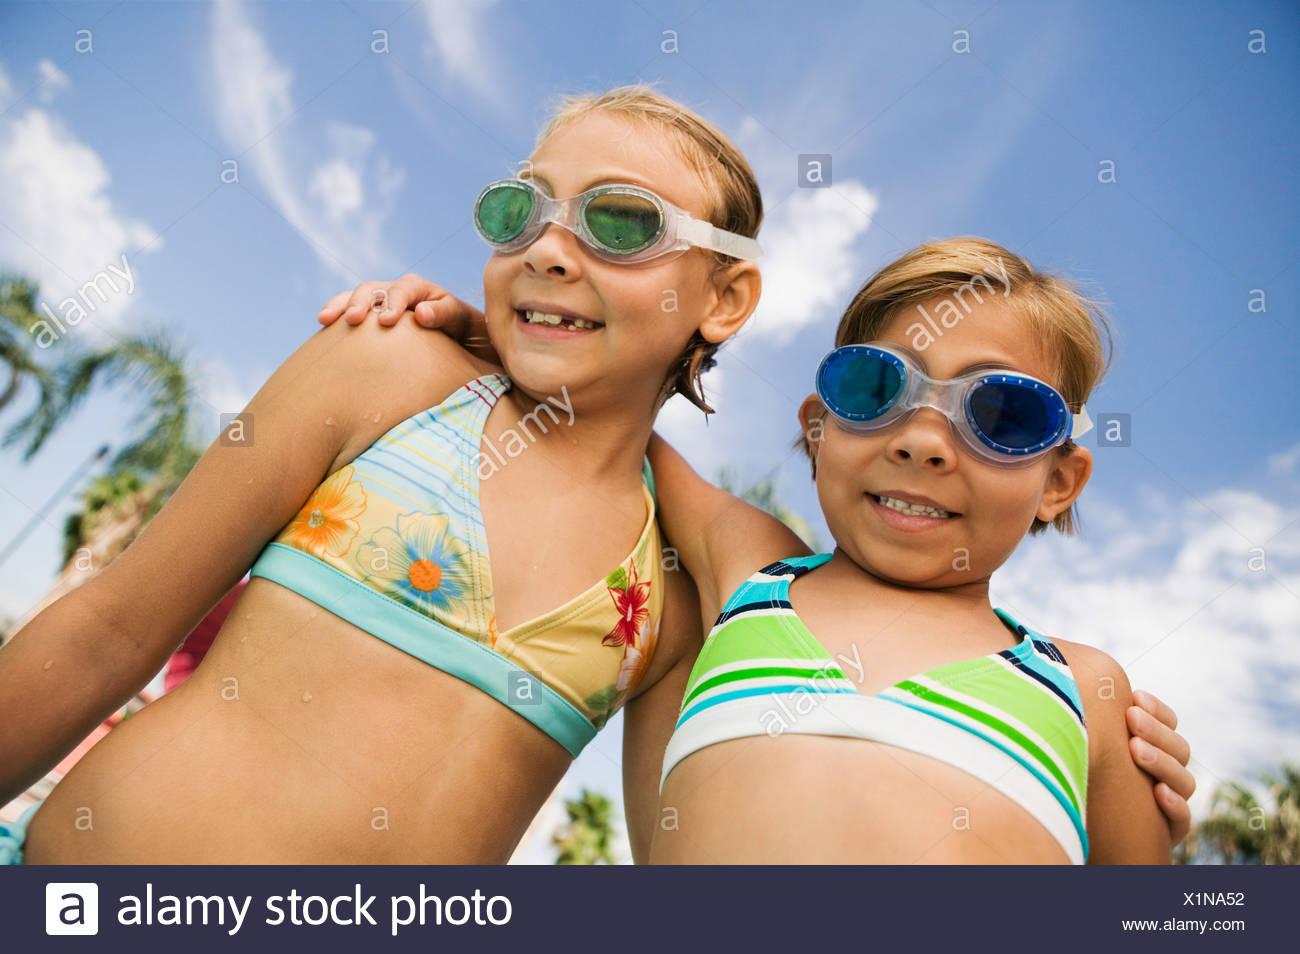 Two Girls (7-9) in swimwear, portrait. - Stock Image